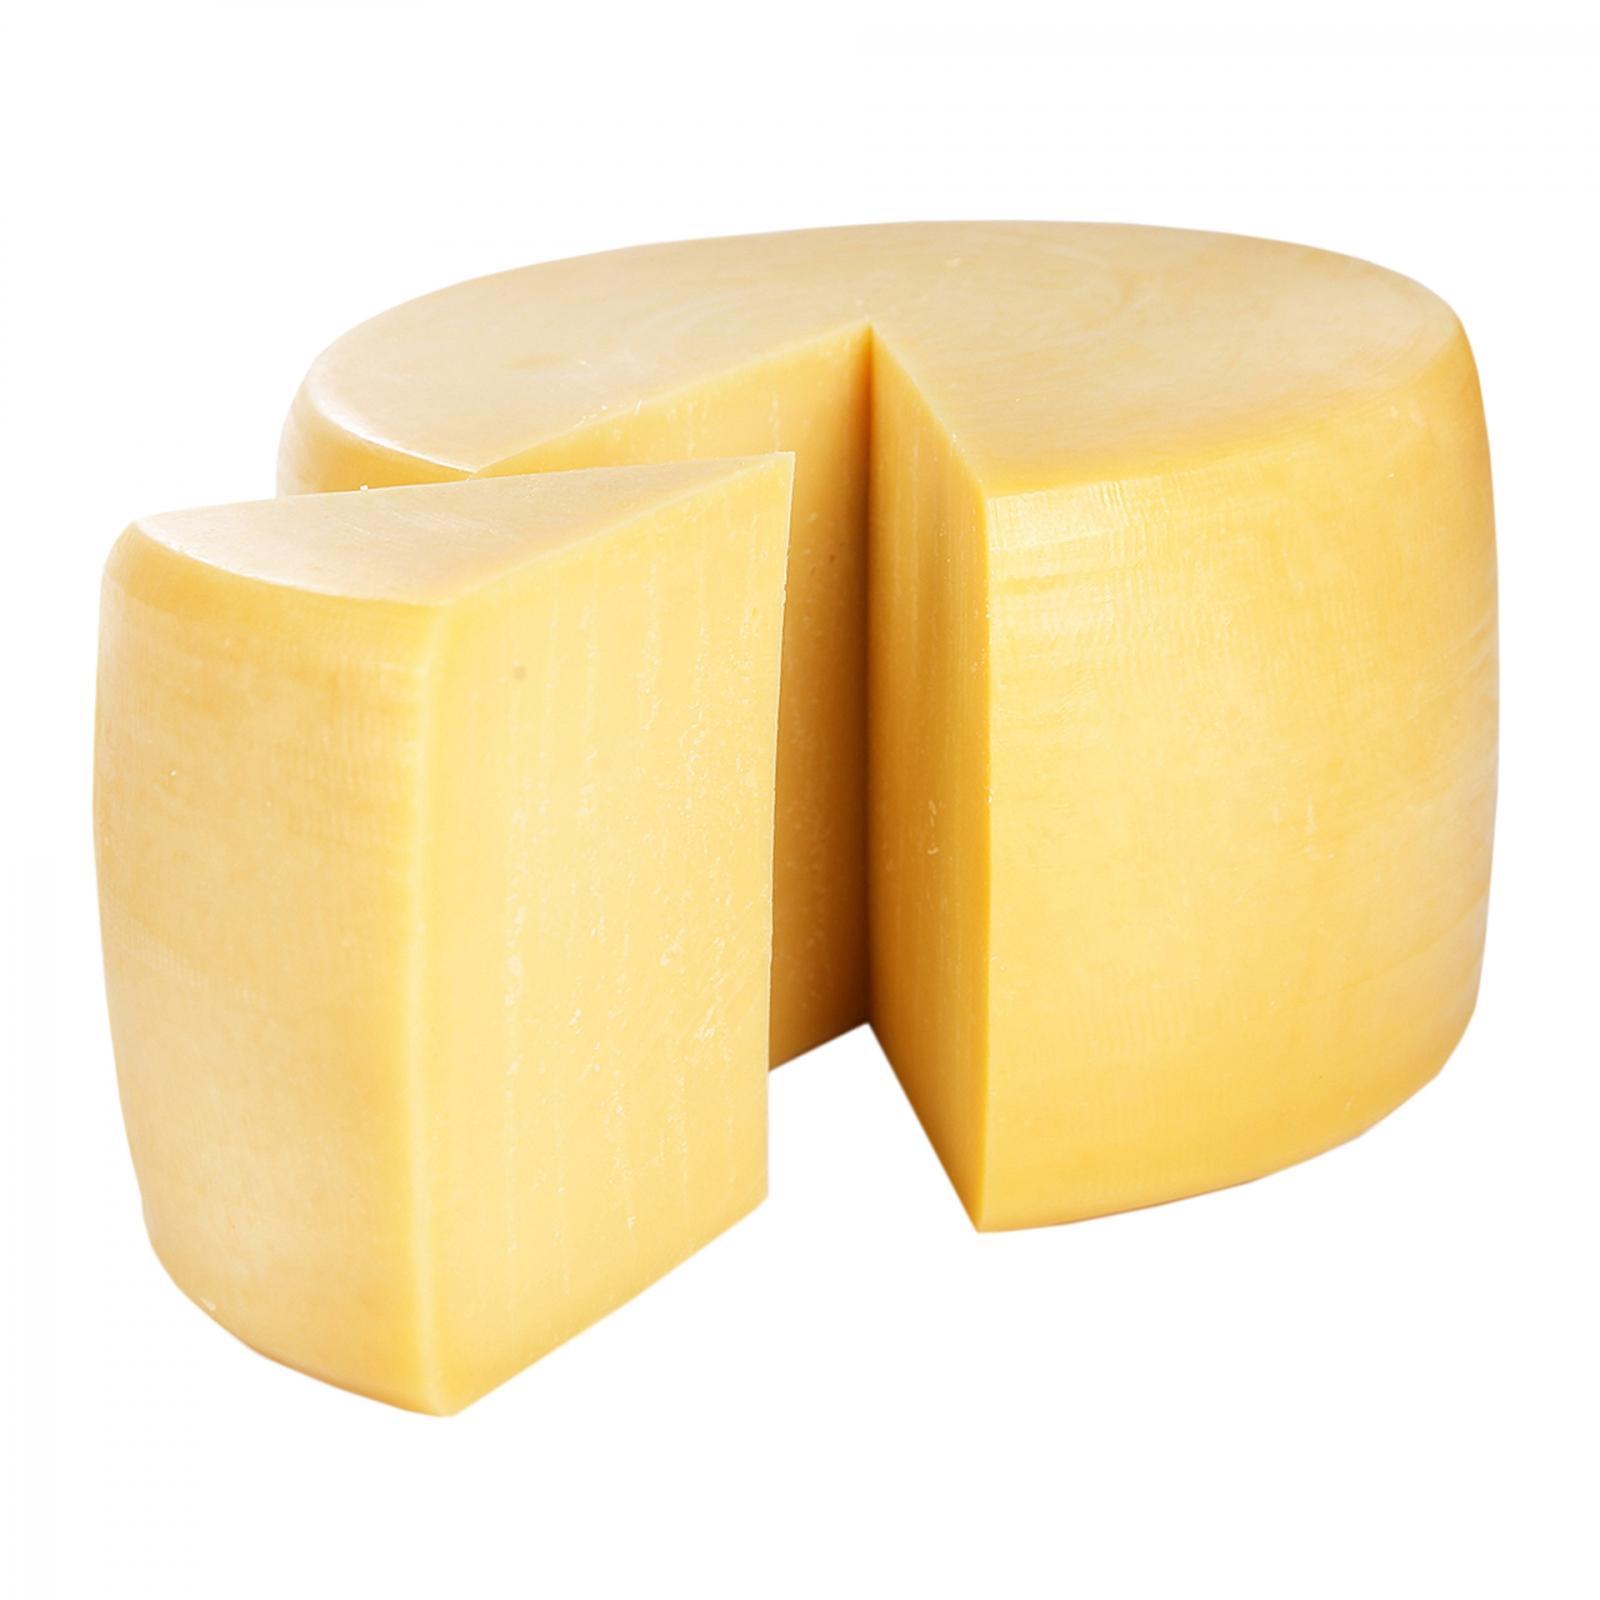 Сыр Moncasa Gourmet Пармезан 33%, Чили